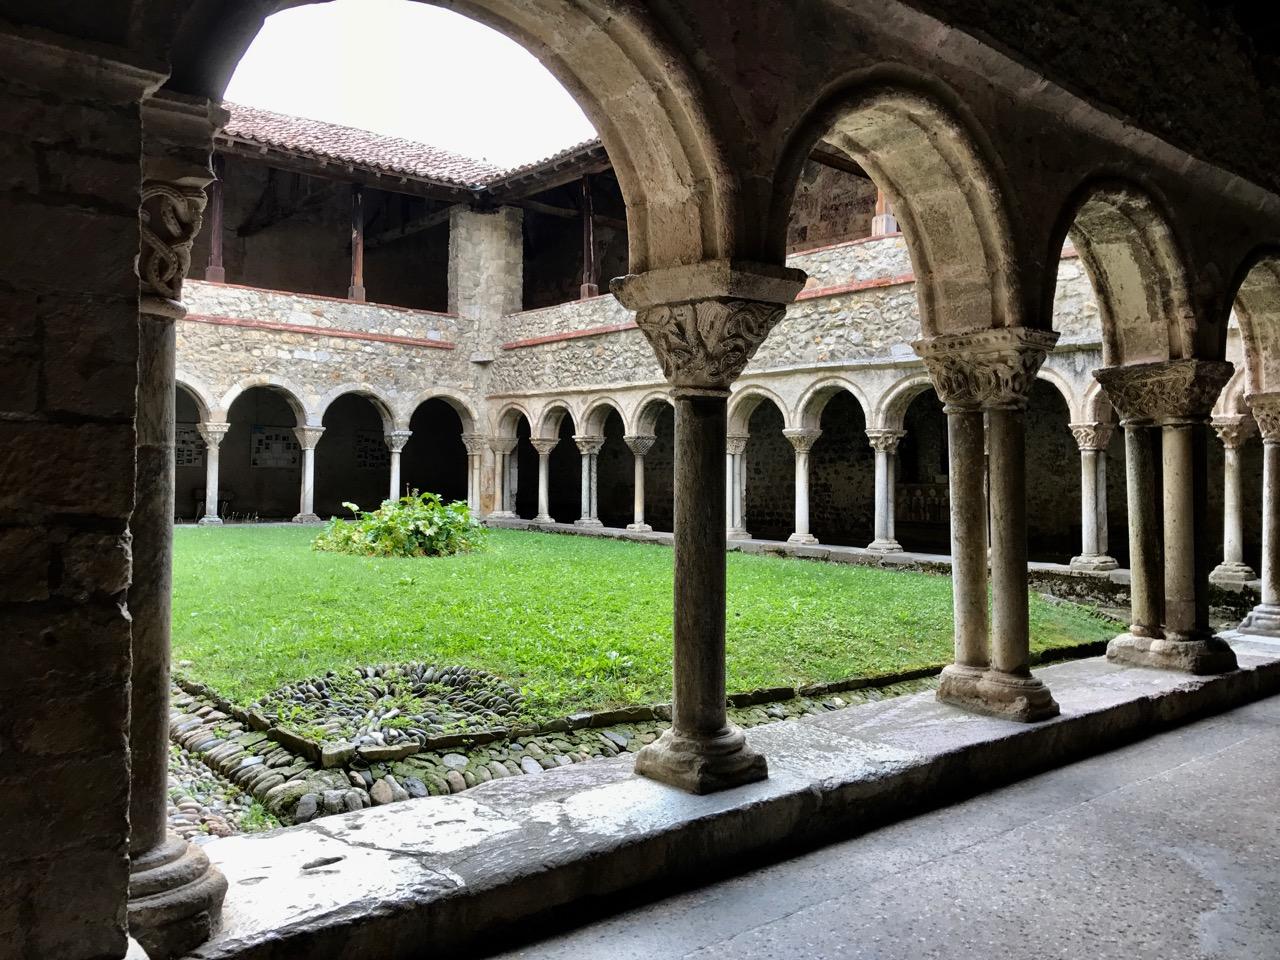 Abbeye St.-Lizier Midi-Pyrenees